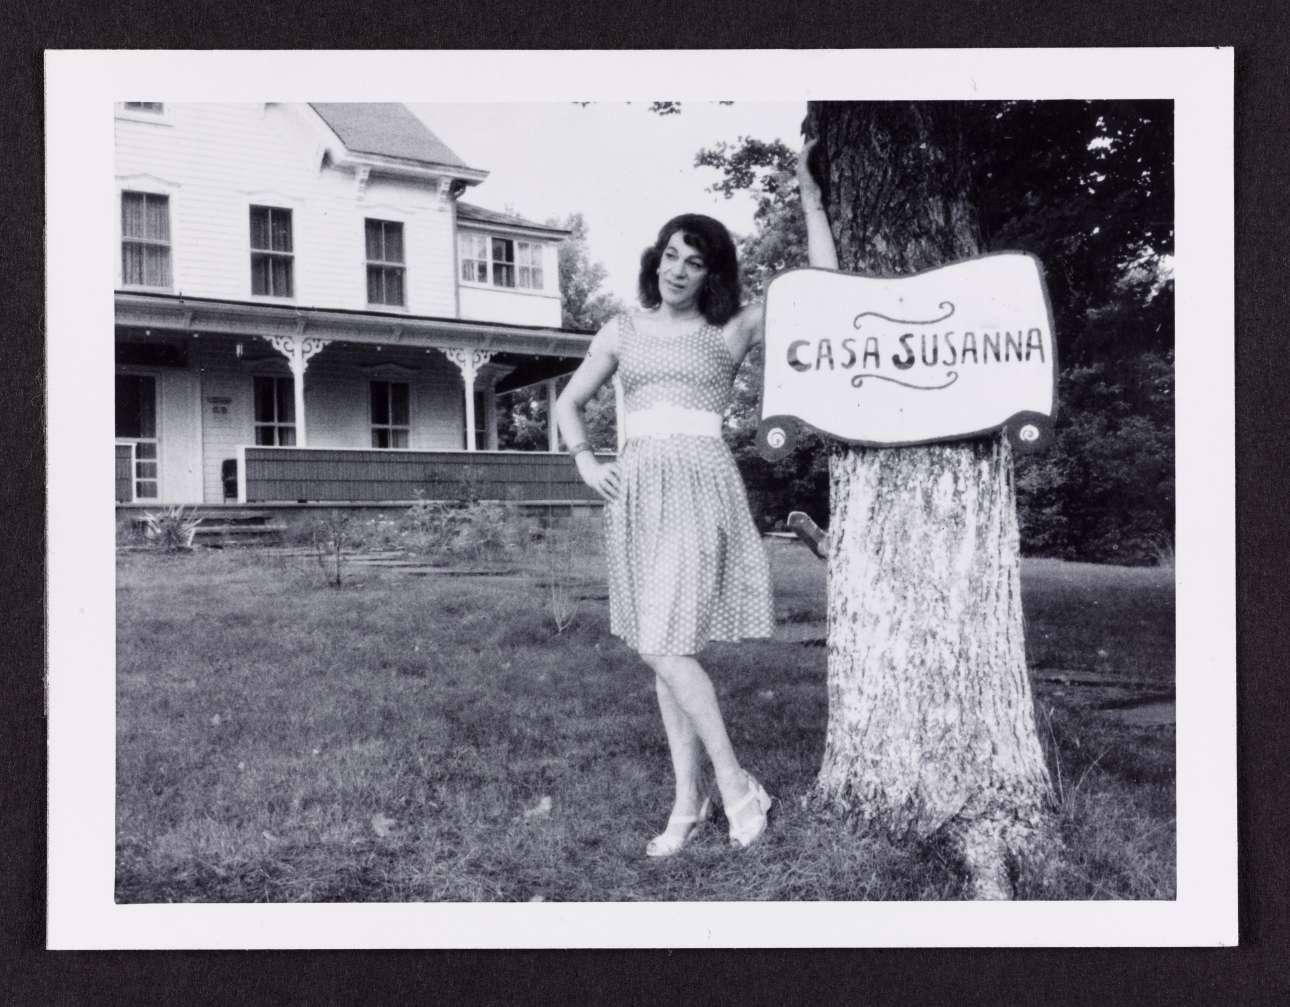 «Η Σουζάνα στην Κάζα Σουζάνα» («Susanna at Casa Susanna»), φωτογραφία που αποδίδεται στην Andrea Susan, 1964-1969. Η φωτογραφική σειρά «Η Σουζάνα στην Οικία Σουζάνα» εστιάζει σε πορτρέτα ανδρών cross-dressers, οι οποίοι ντύνονται με γυναικεία ρούχα, σε ένα θέρετρο της Νέας Υόρκης, τις δεκαετίες του '50 και '60. Η συλλογή φωτογραφιών ανακαλύφθηκε το 2004 σε ένα παζάρι